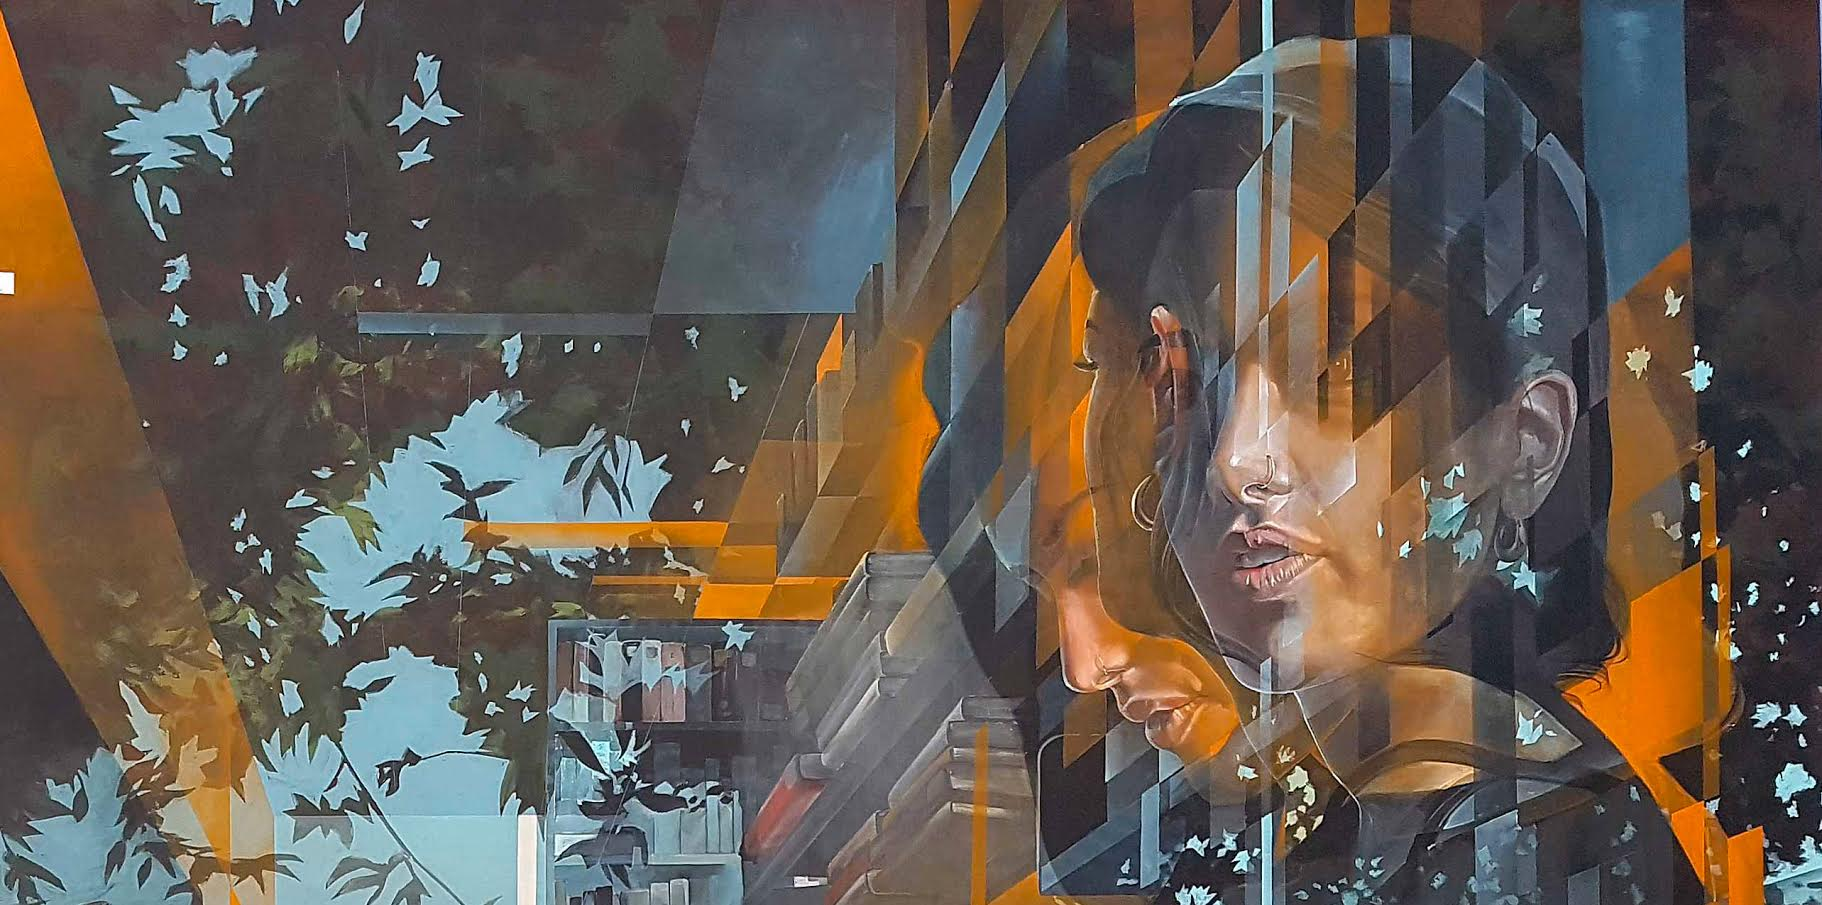 APC – New mural by VESOD in Turin, Italy Artes & contextos vesod4